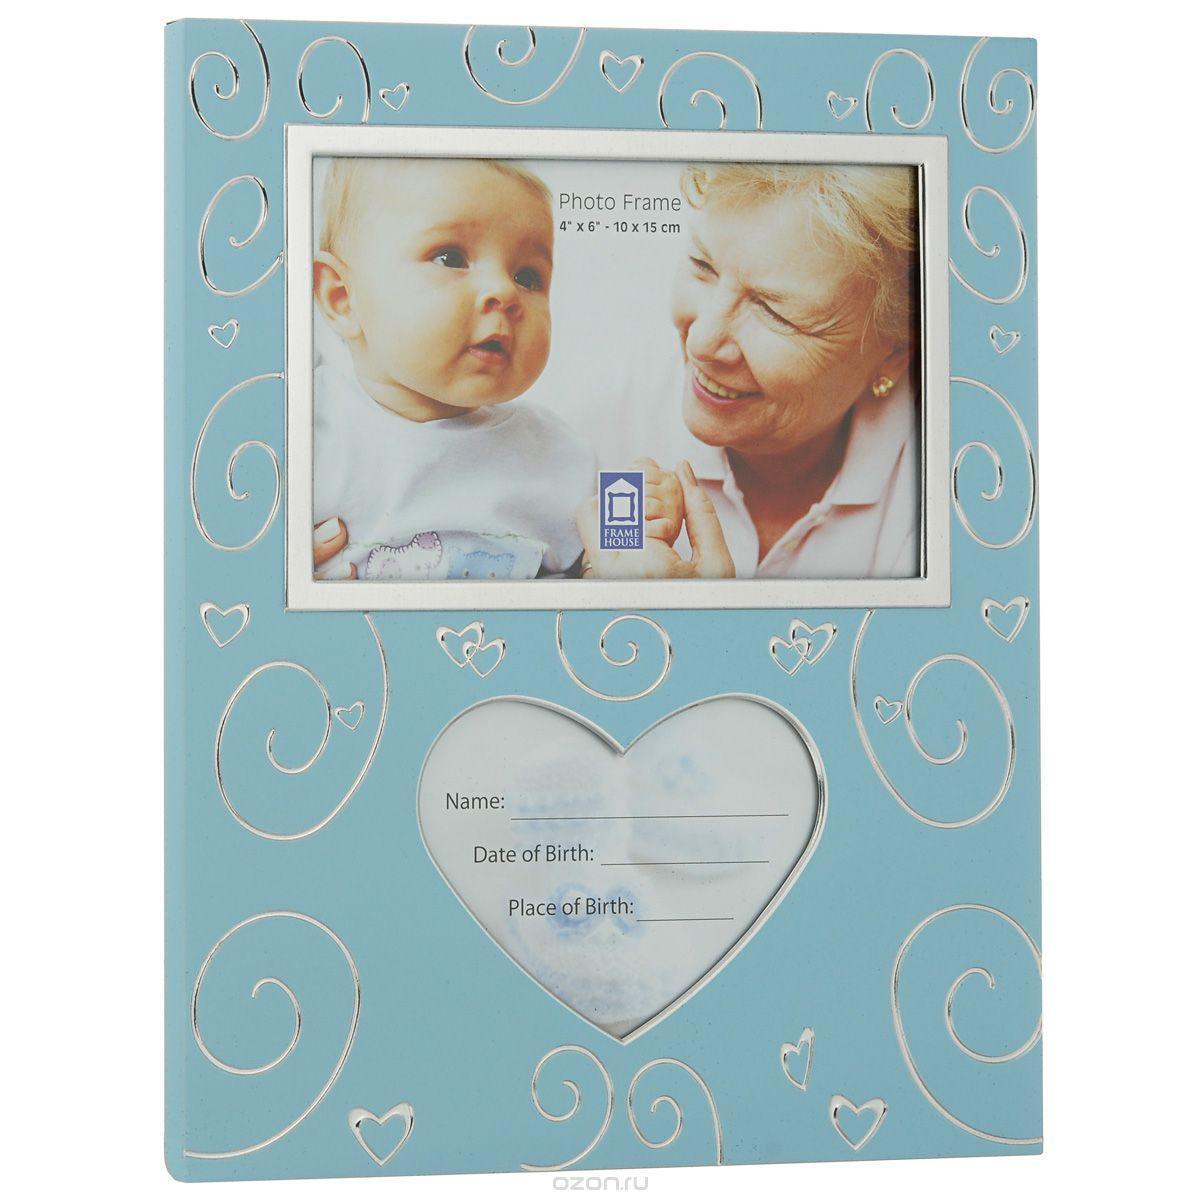 ФоторамкаPATA T8715N 10X15 для мальчиковT8715NФоторамка PATA - прекрасный способ красиво оформить фотографию вашего малыша. Фоторамка выполнена из металла, покрытого краской голубого цвета, и украшена красивым рельефом. Внизу расположено поле в виде сердечка для записи имени, даты рождения и места рождения вашего ребенка. Фоторамку можно поставить на стол с помощью специальной ножки или подвесить на стену, для чего с задней стороны предусмотрены отверстия. Такая фоторамка поможет сохранить на память самые яркие моменты вашей жизни, а стильный дизайн сделает ее прекрасным дополнением интерьера комнаты.